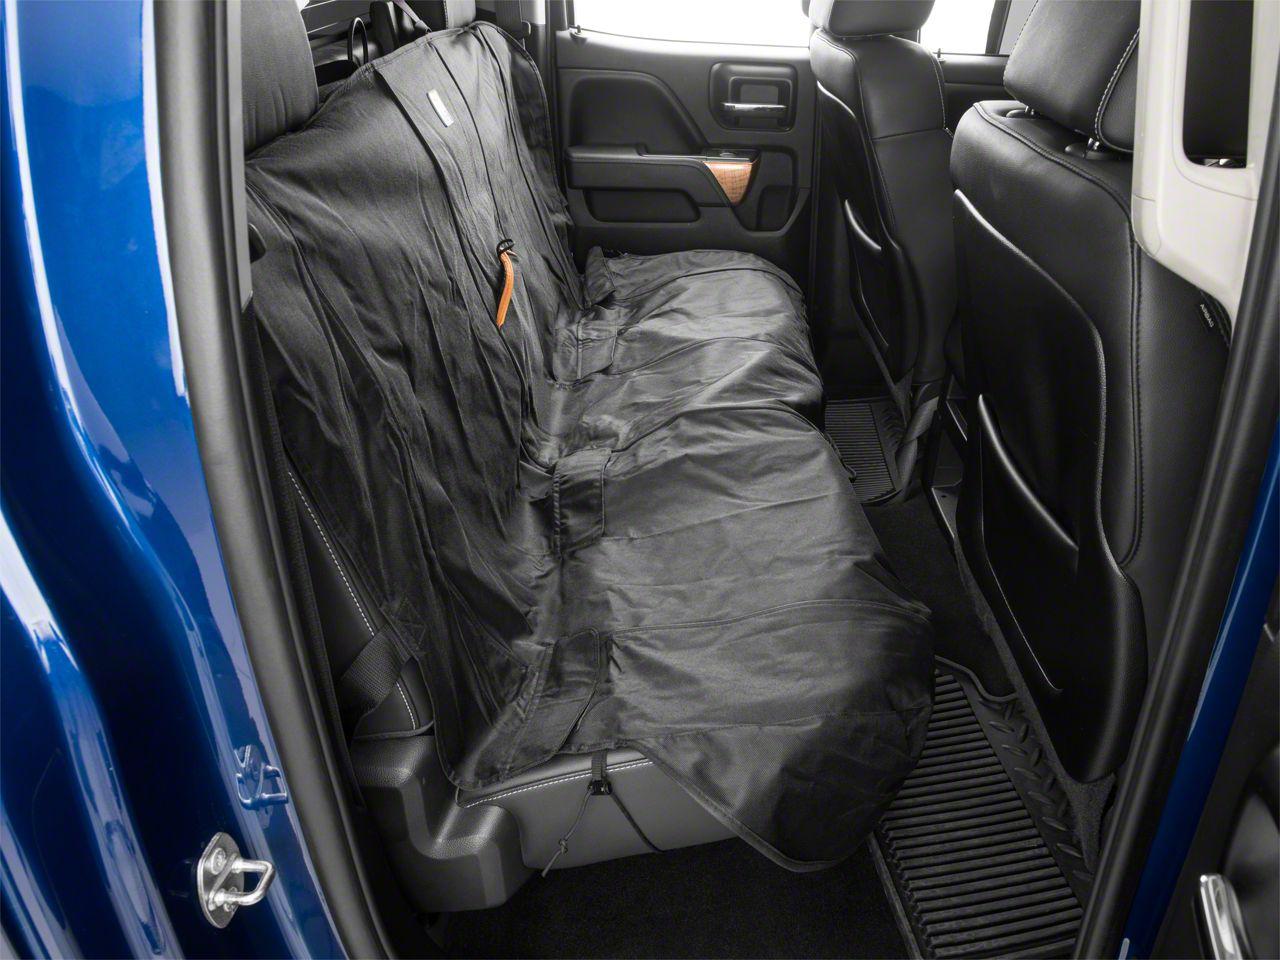 Silverado Wander Rear Bench Seat Cover - Black (07-20 ...